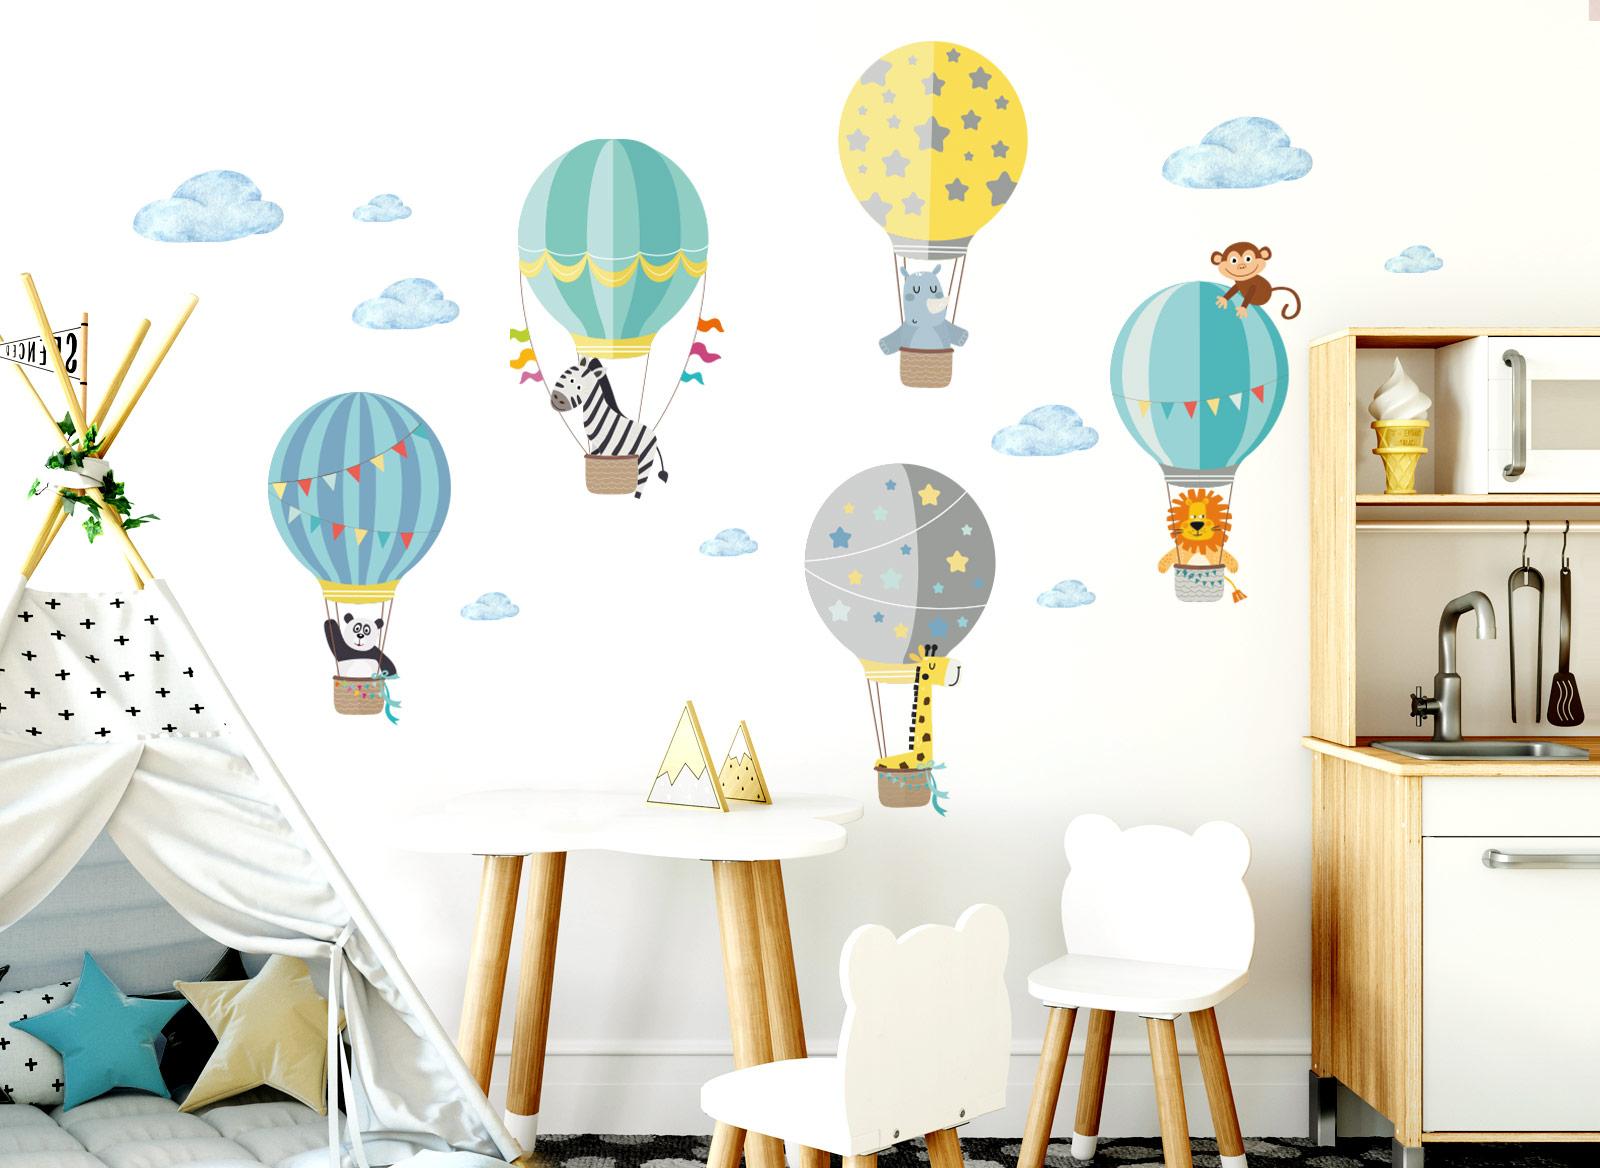 Little Deco Wandtattoo Zoo Tiere Im Heissluftballon Dl217 Tiere Jungen Baby 0 2 Jahre Little Deco De